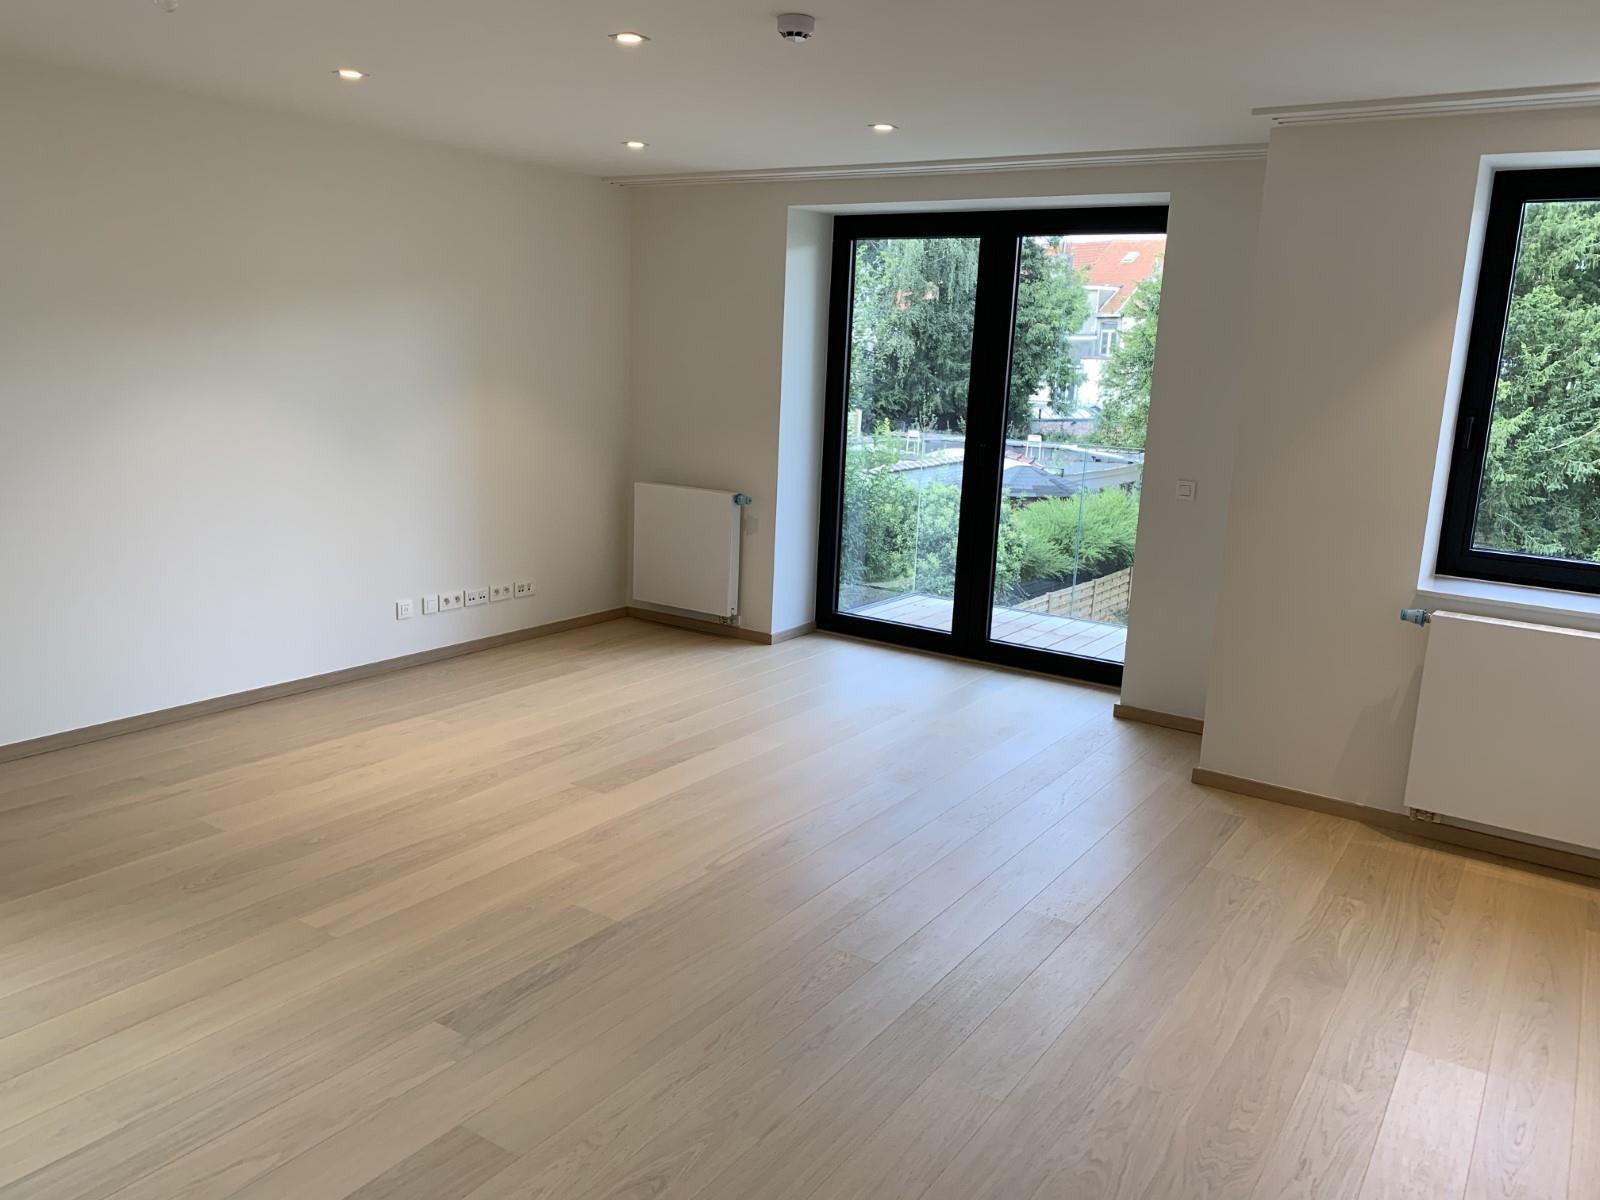 Appartement exceptionnel - Ixelles - #3915781-0